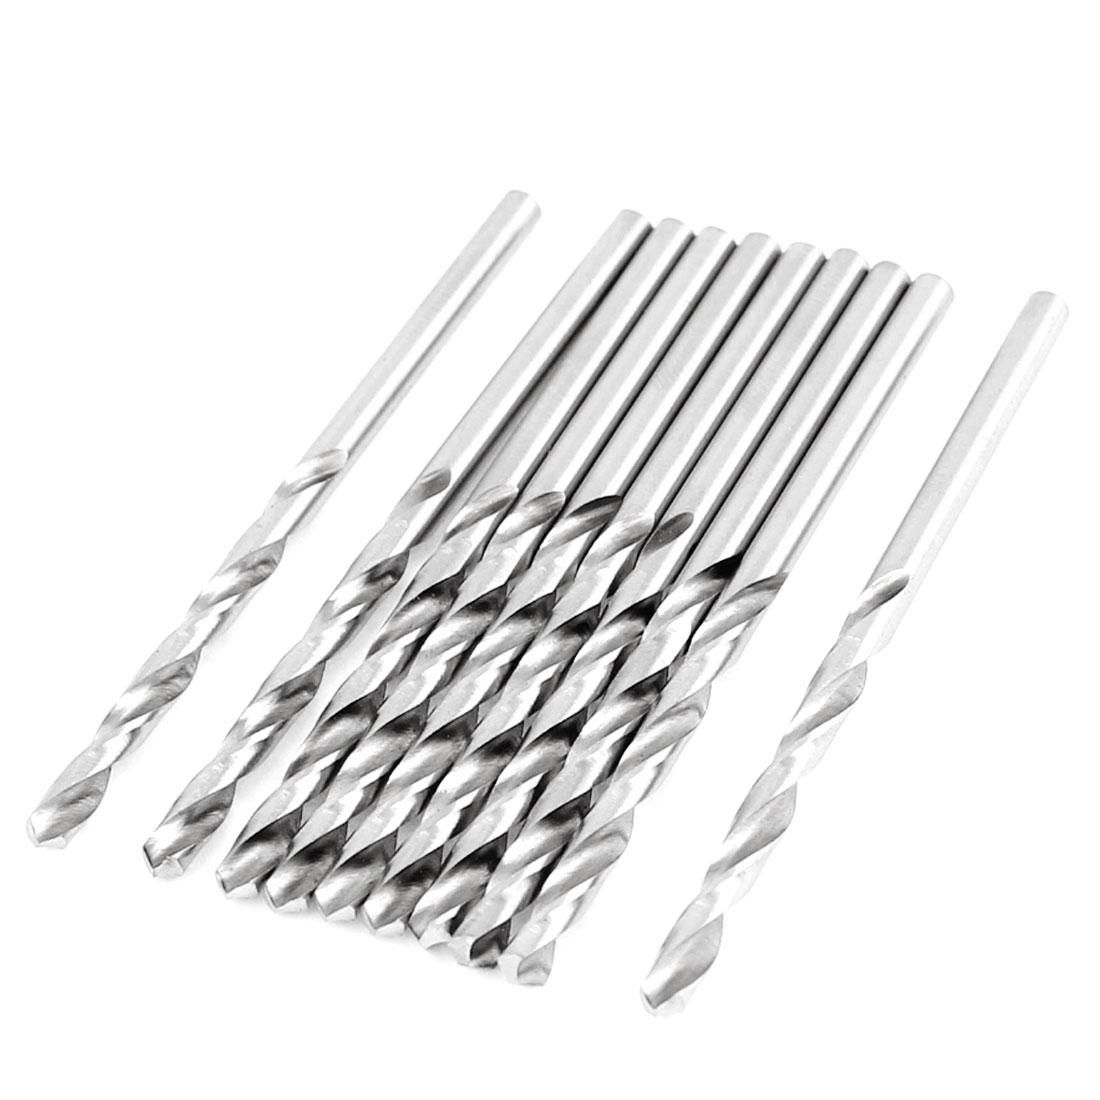 2.9mm Dia Split Point 59mm Length High Speed Steel Twist Drilling Bits 10 Pcs